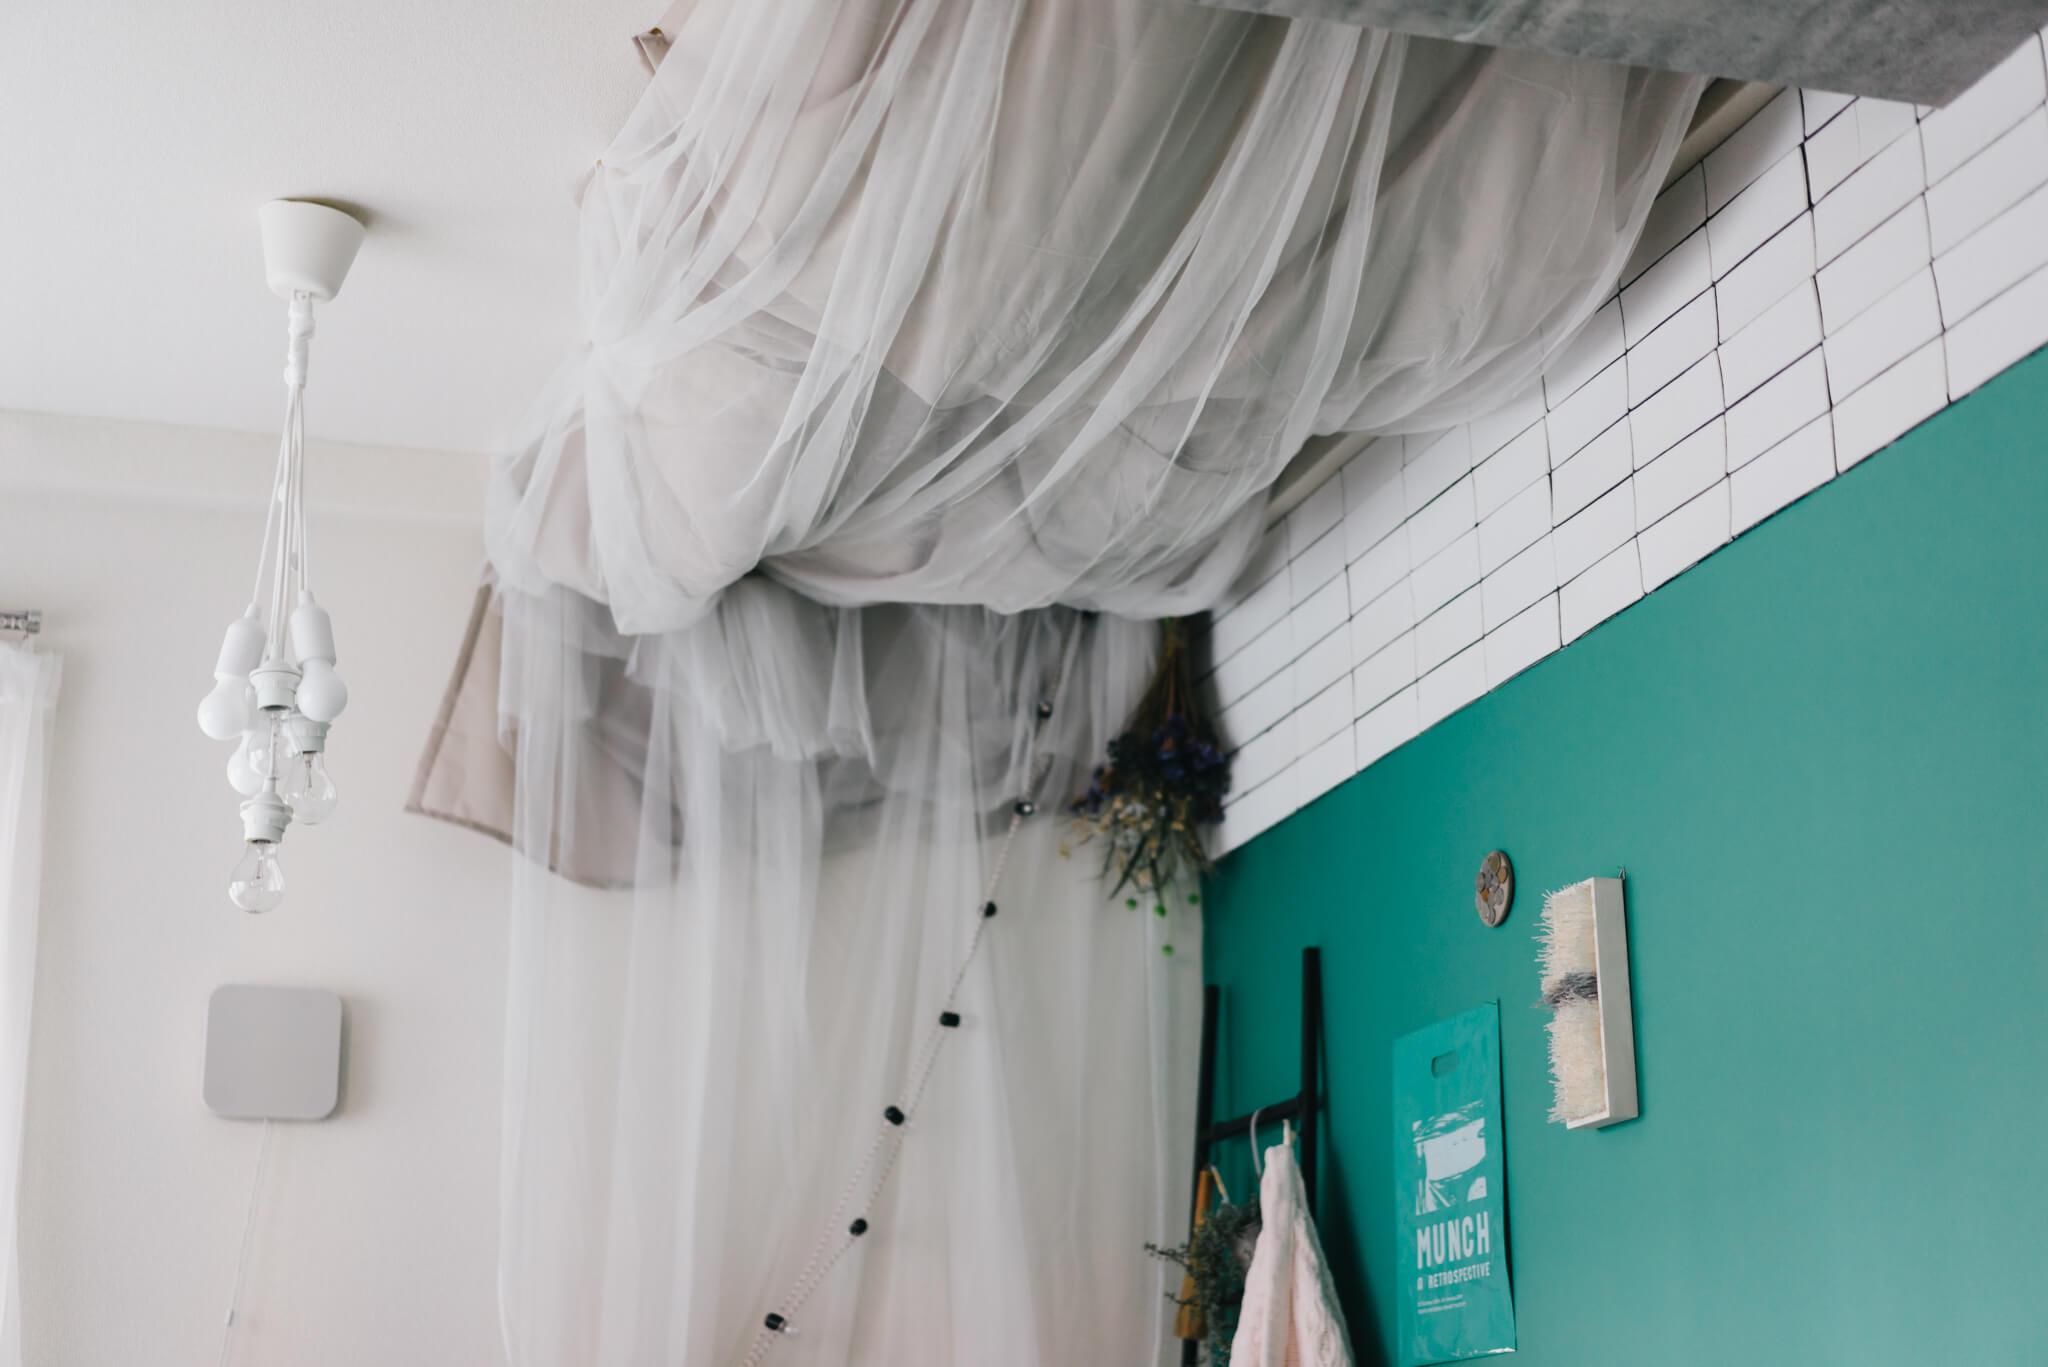 ioさんのお部屋で、もっとも目を引くのが、この天井にピンでつけられた布。ドレープたっぷりで、なんともアーチスティックな雰囲気になっています。これは思いつかなかったな。